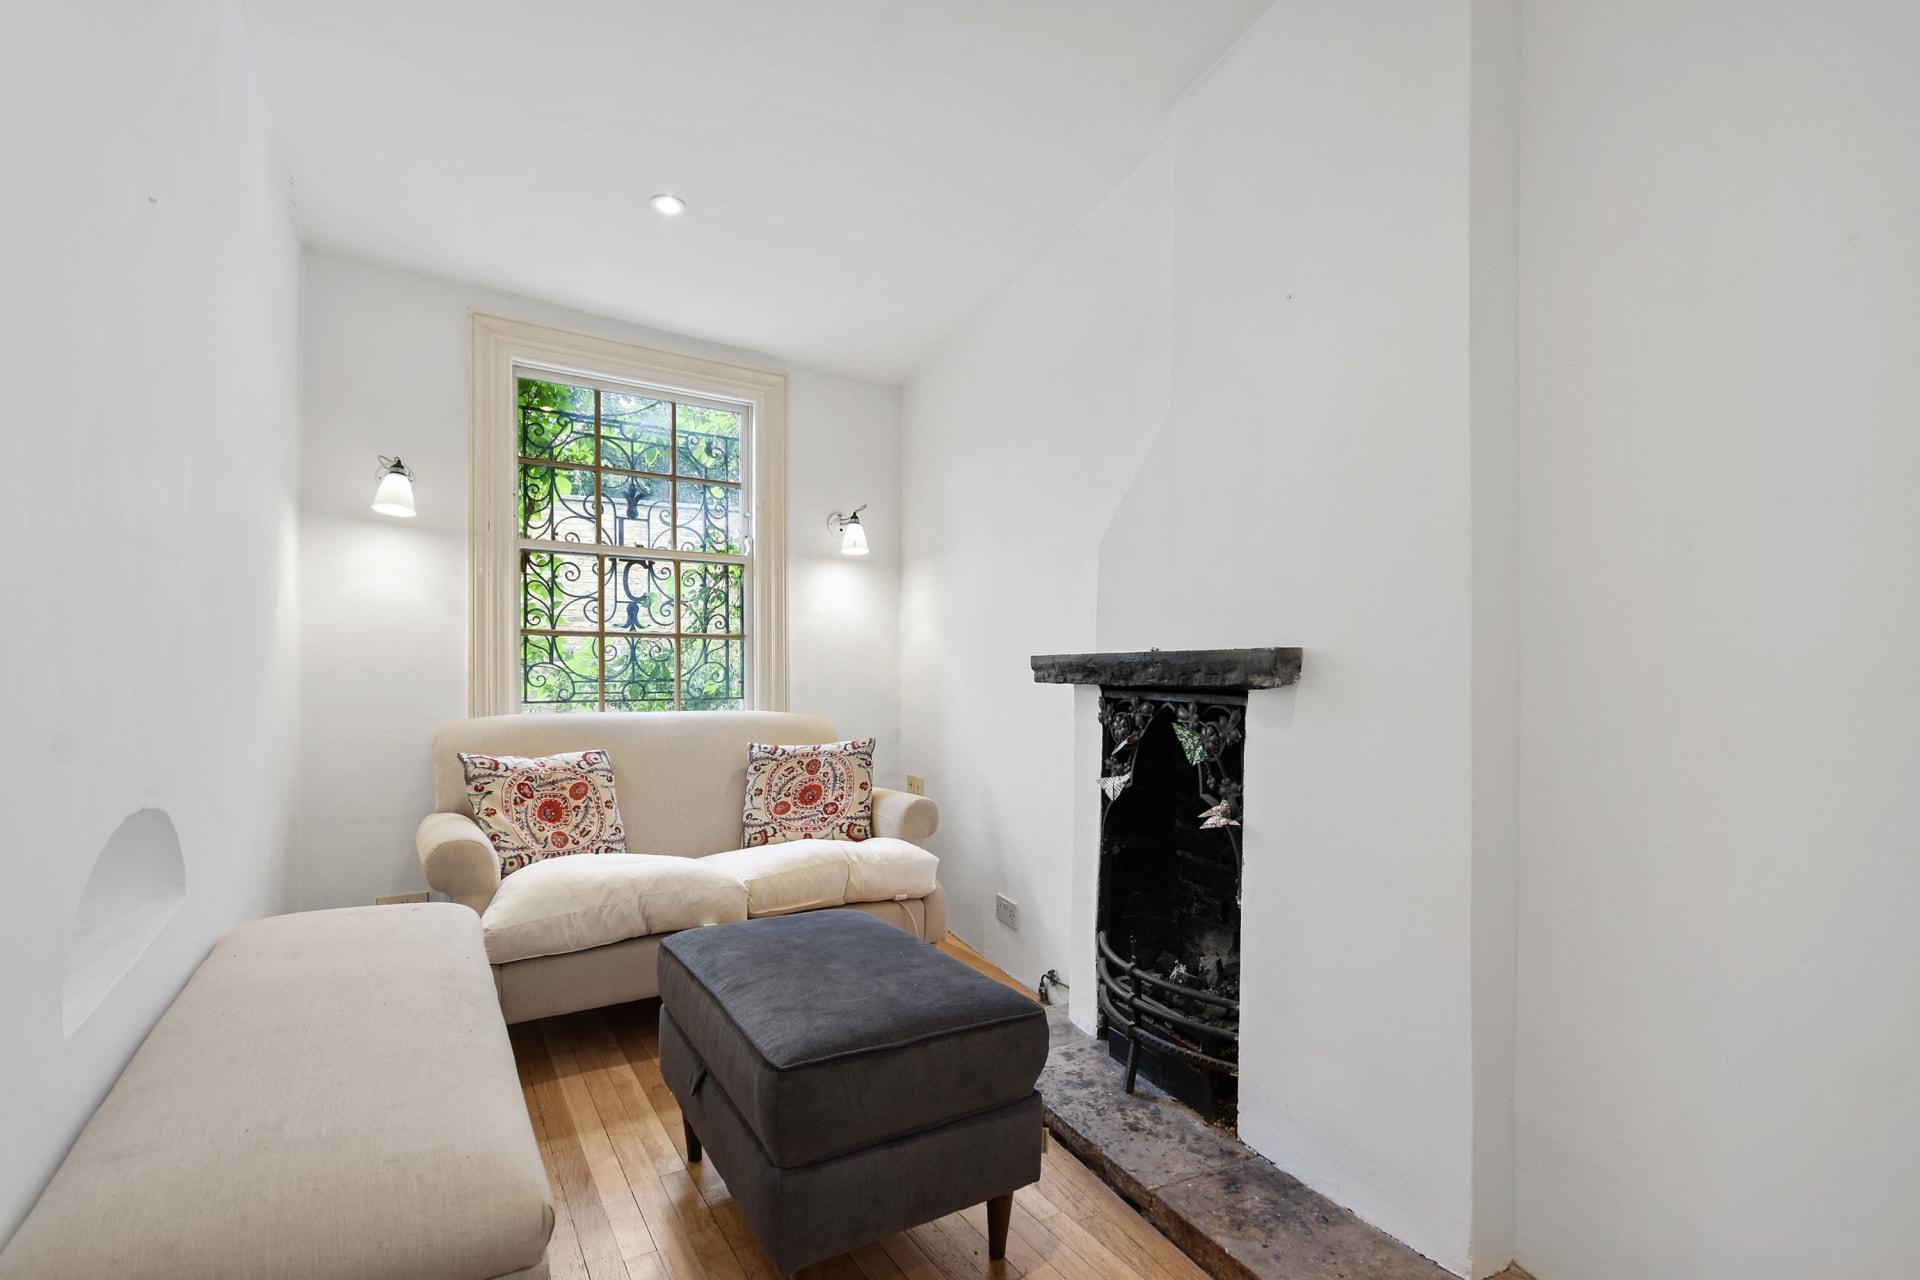 عرضه أقل من مترين..أضيق منزل في لندن يعرض للبيع مقابل 1.3 مليون دولار